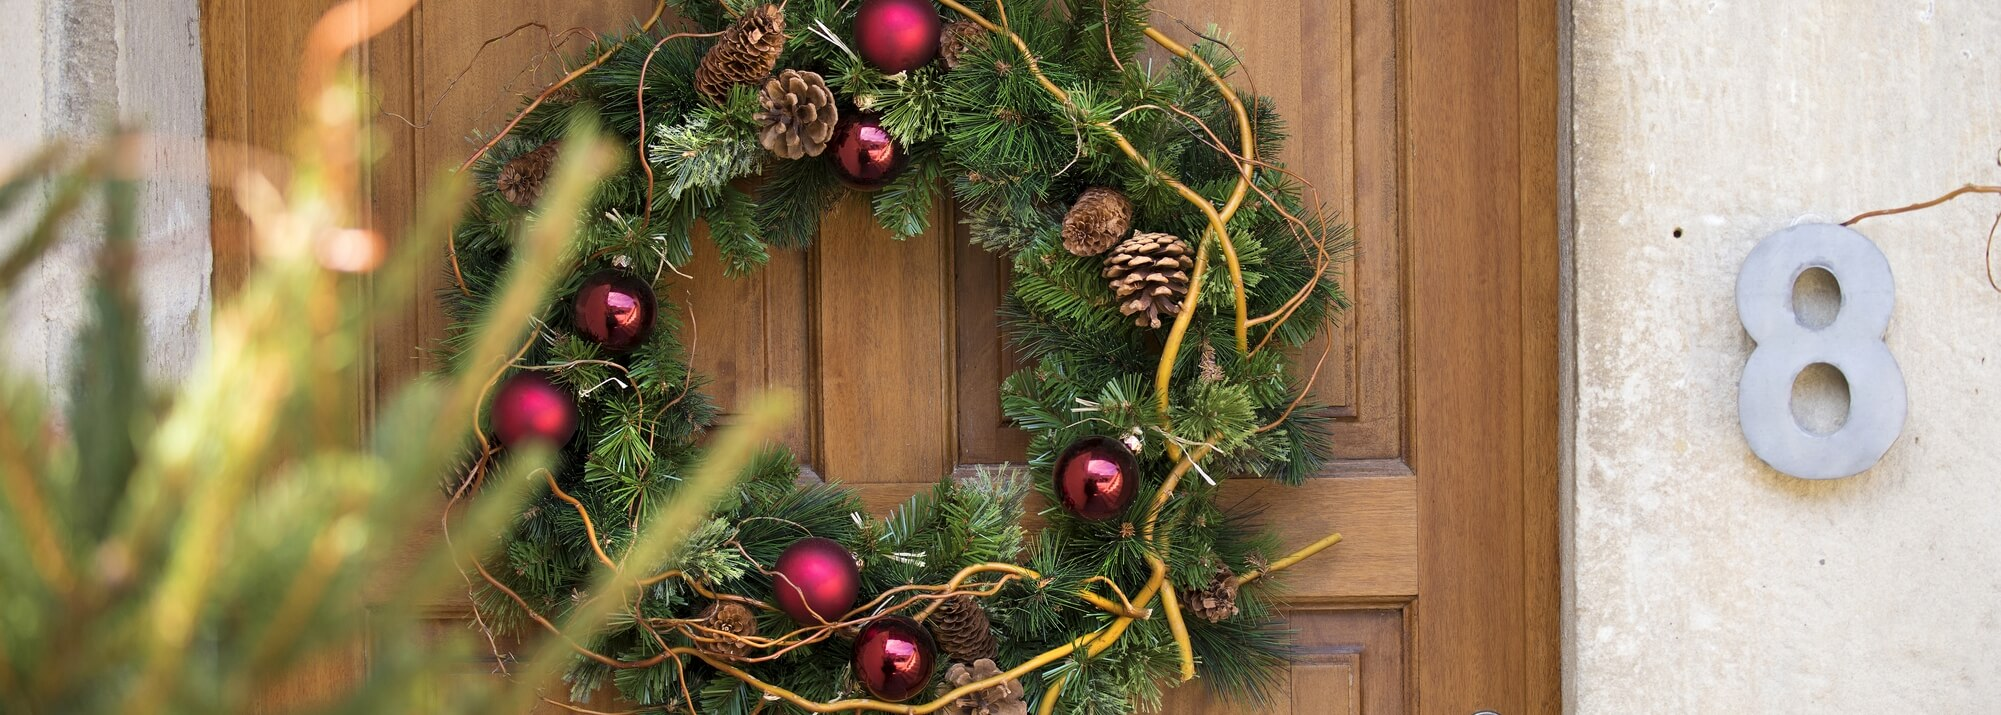 Couronne De Porte Noel Design couronnes de noël et branchages artificiels : couronnes de